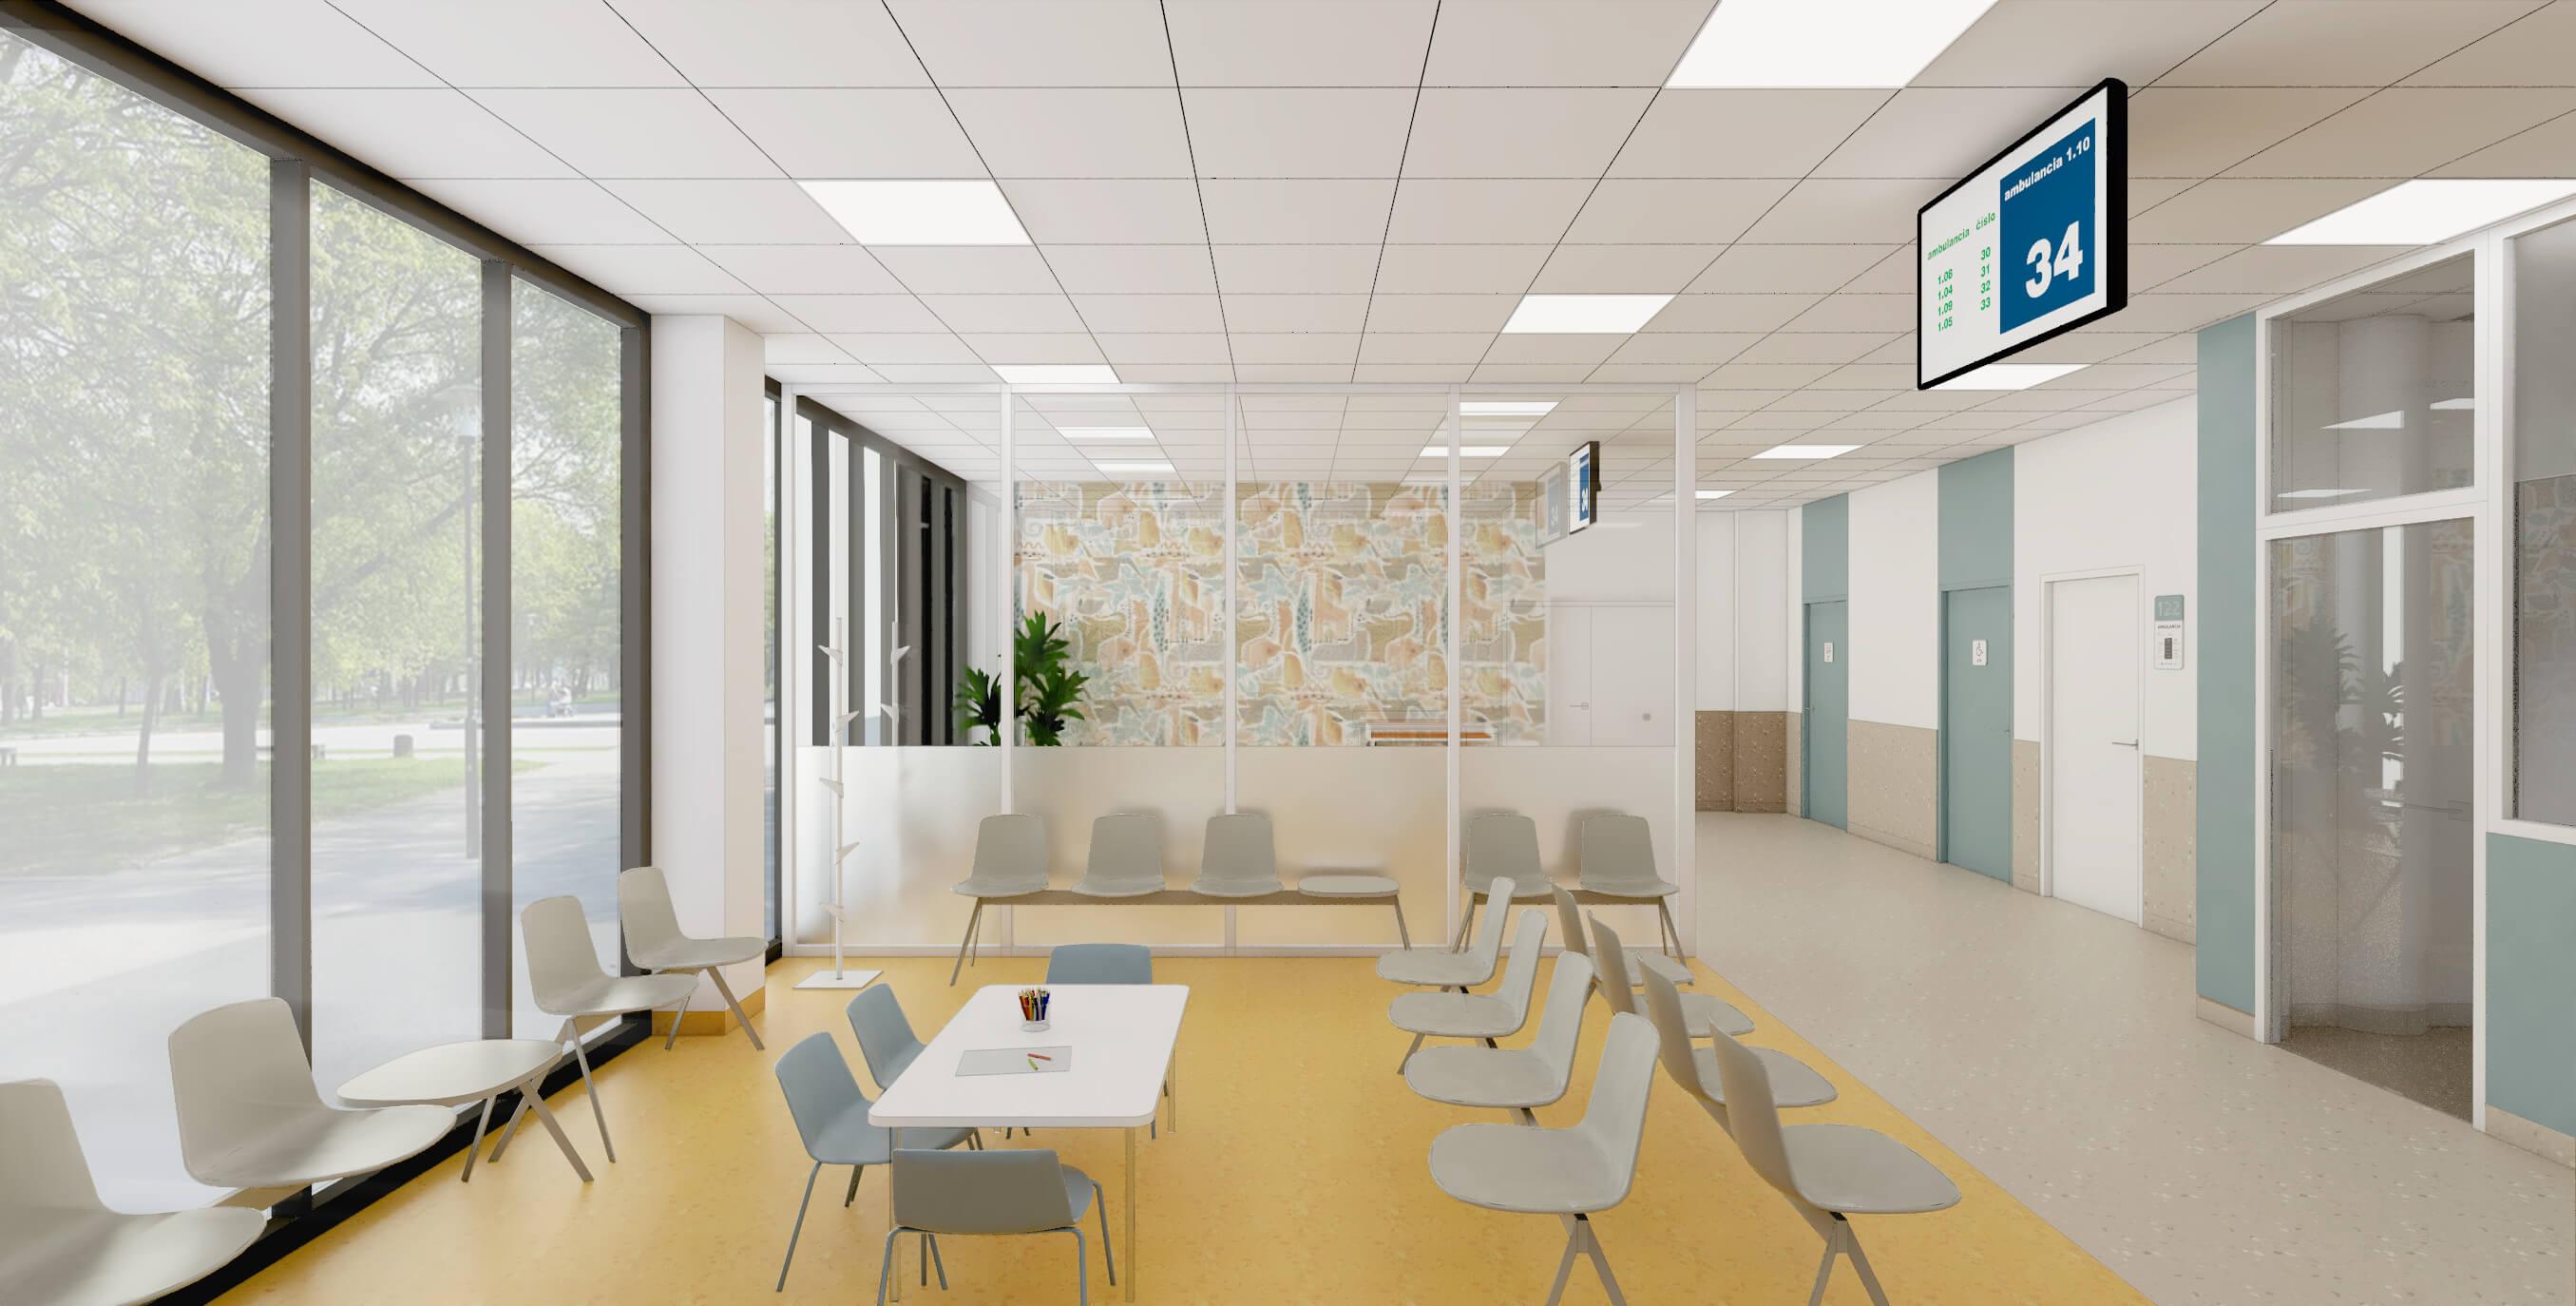 nemocnica bory detsky urgent urgentny prijem